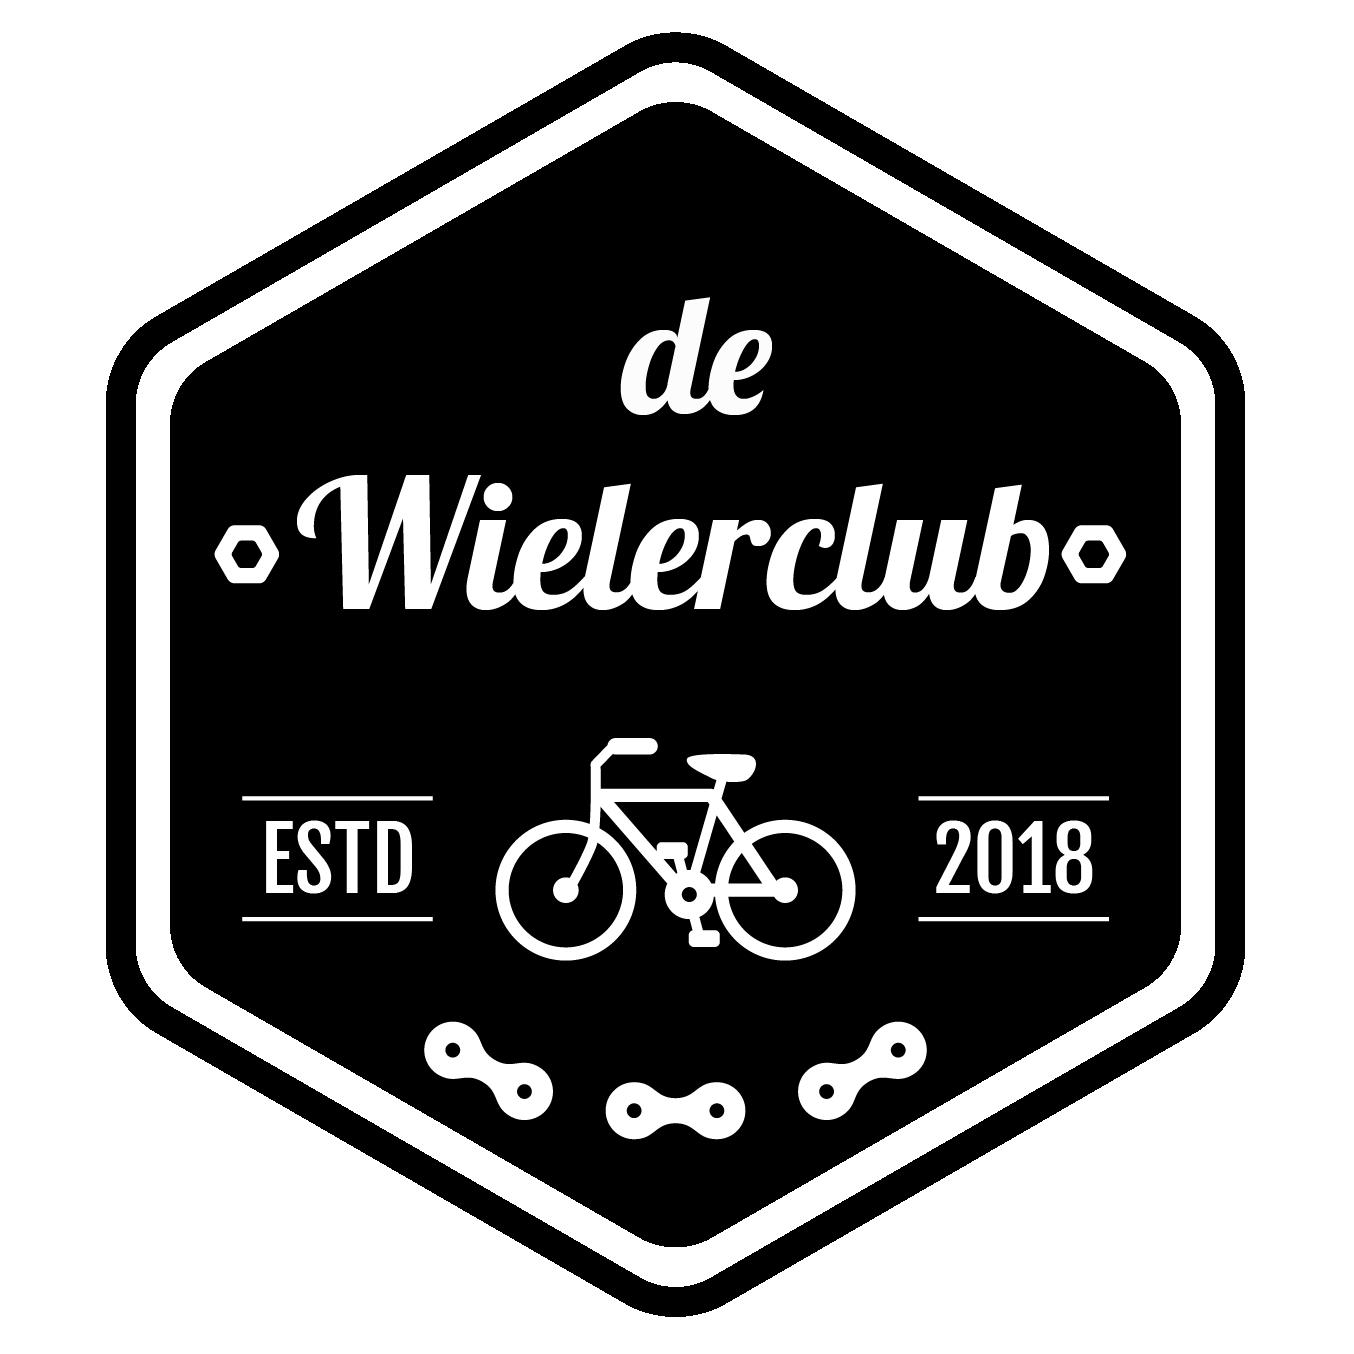 de Wielerclub